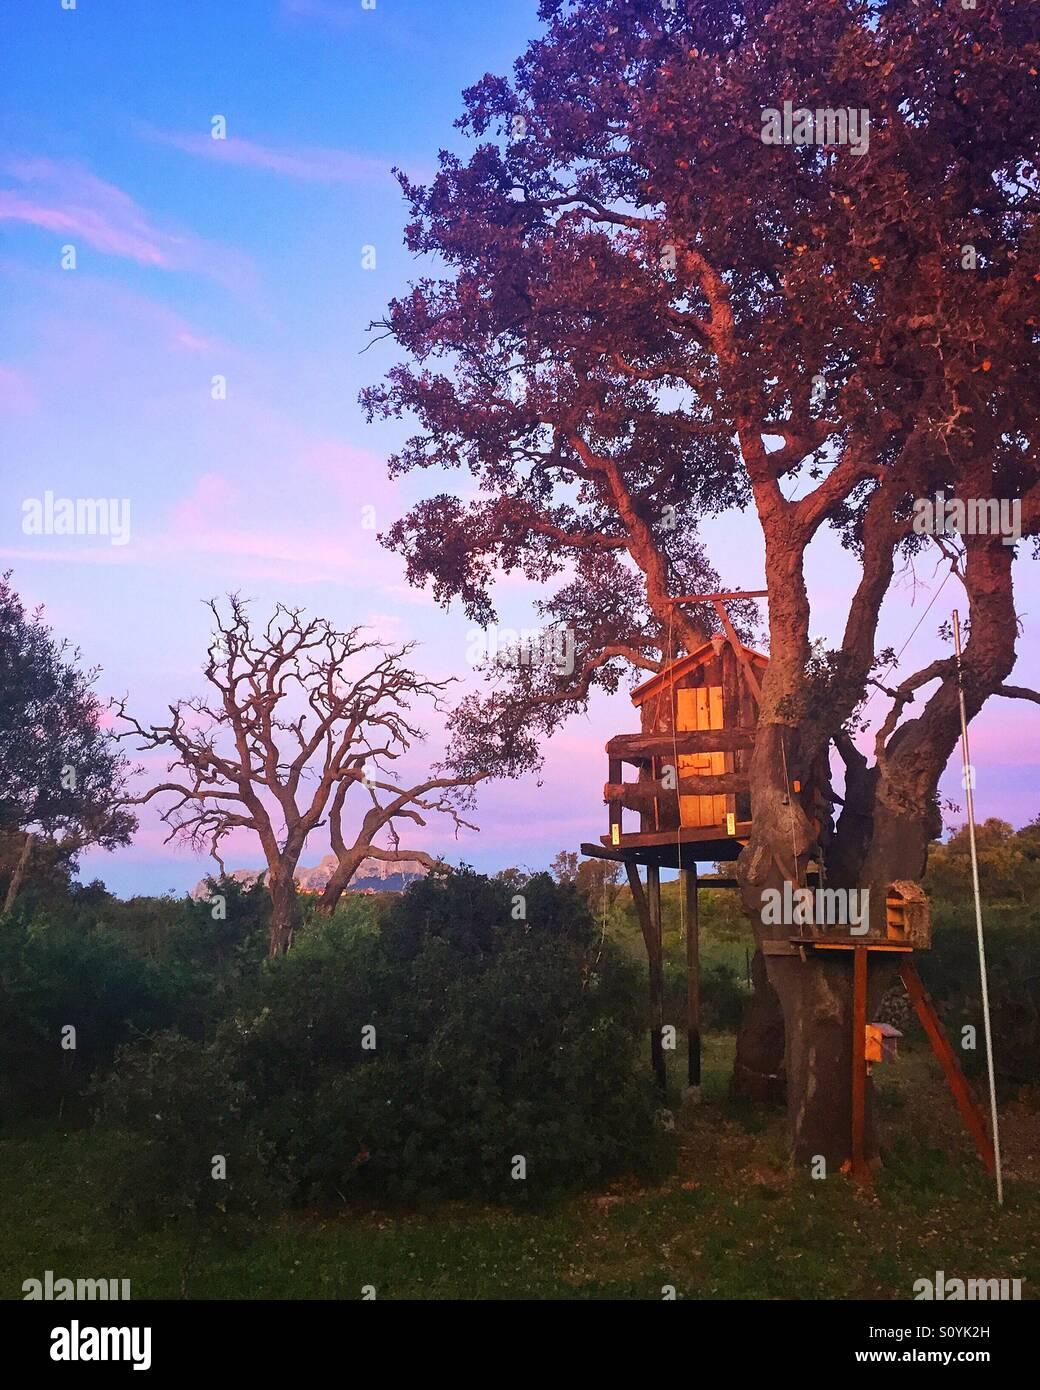 Treehouse at sunset, Olbia, Sardinia, 2016 - Stock Image